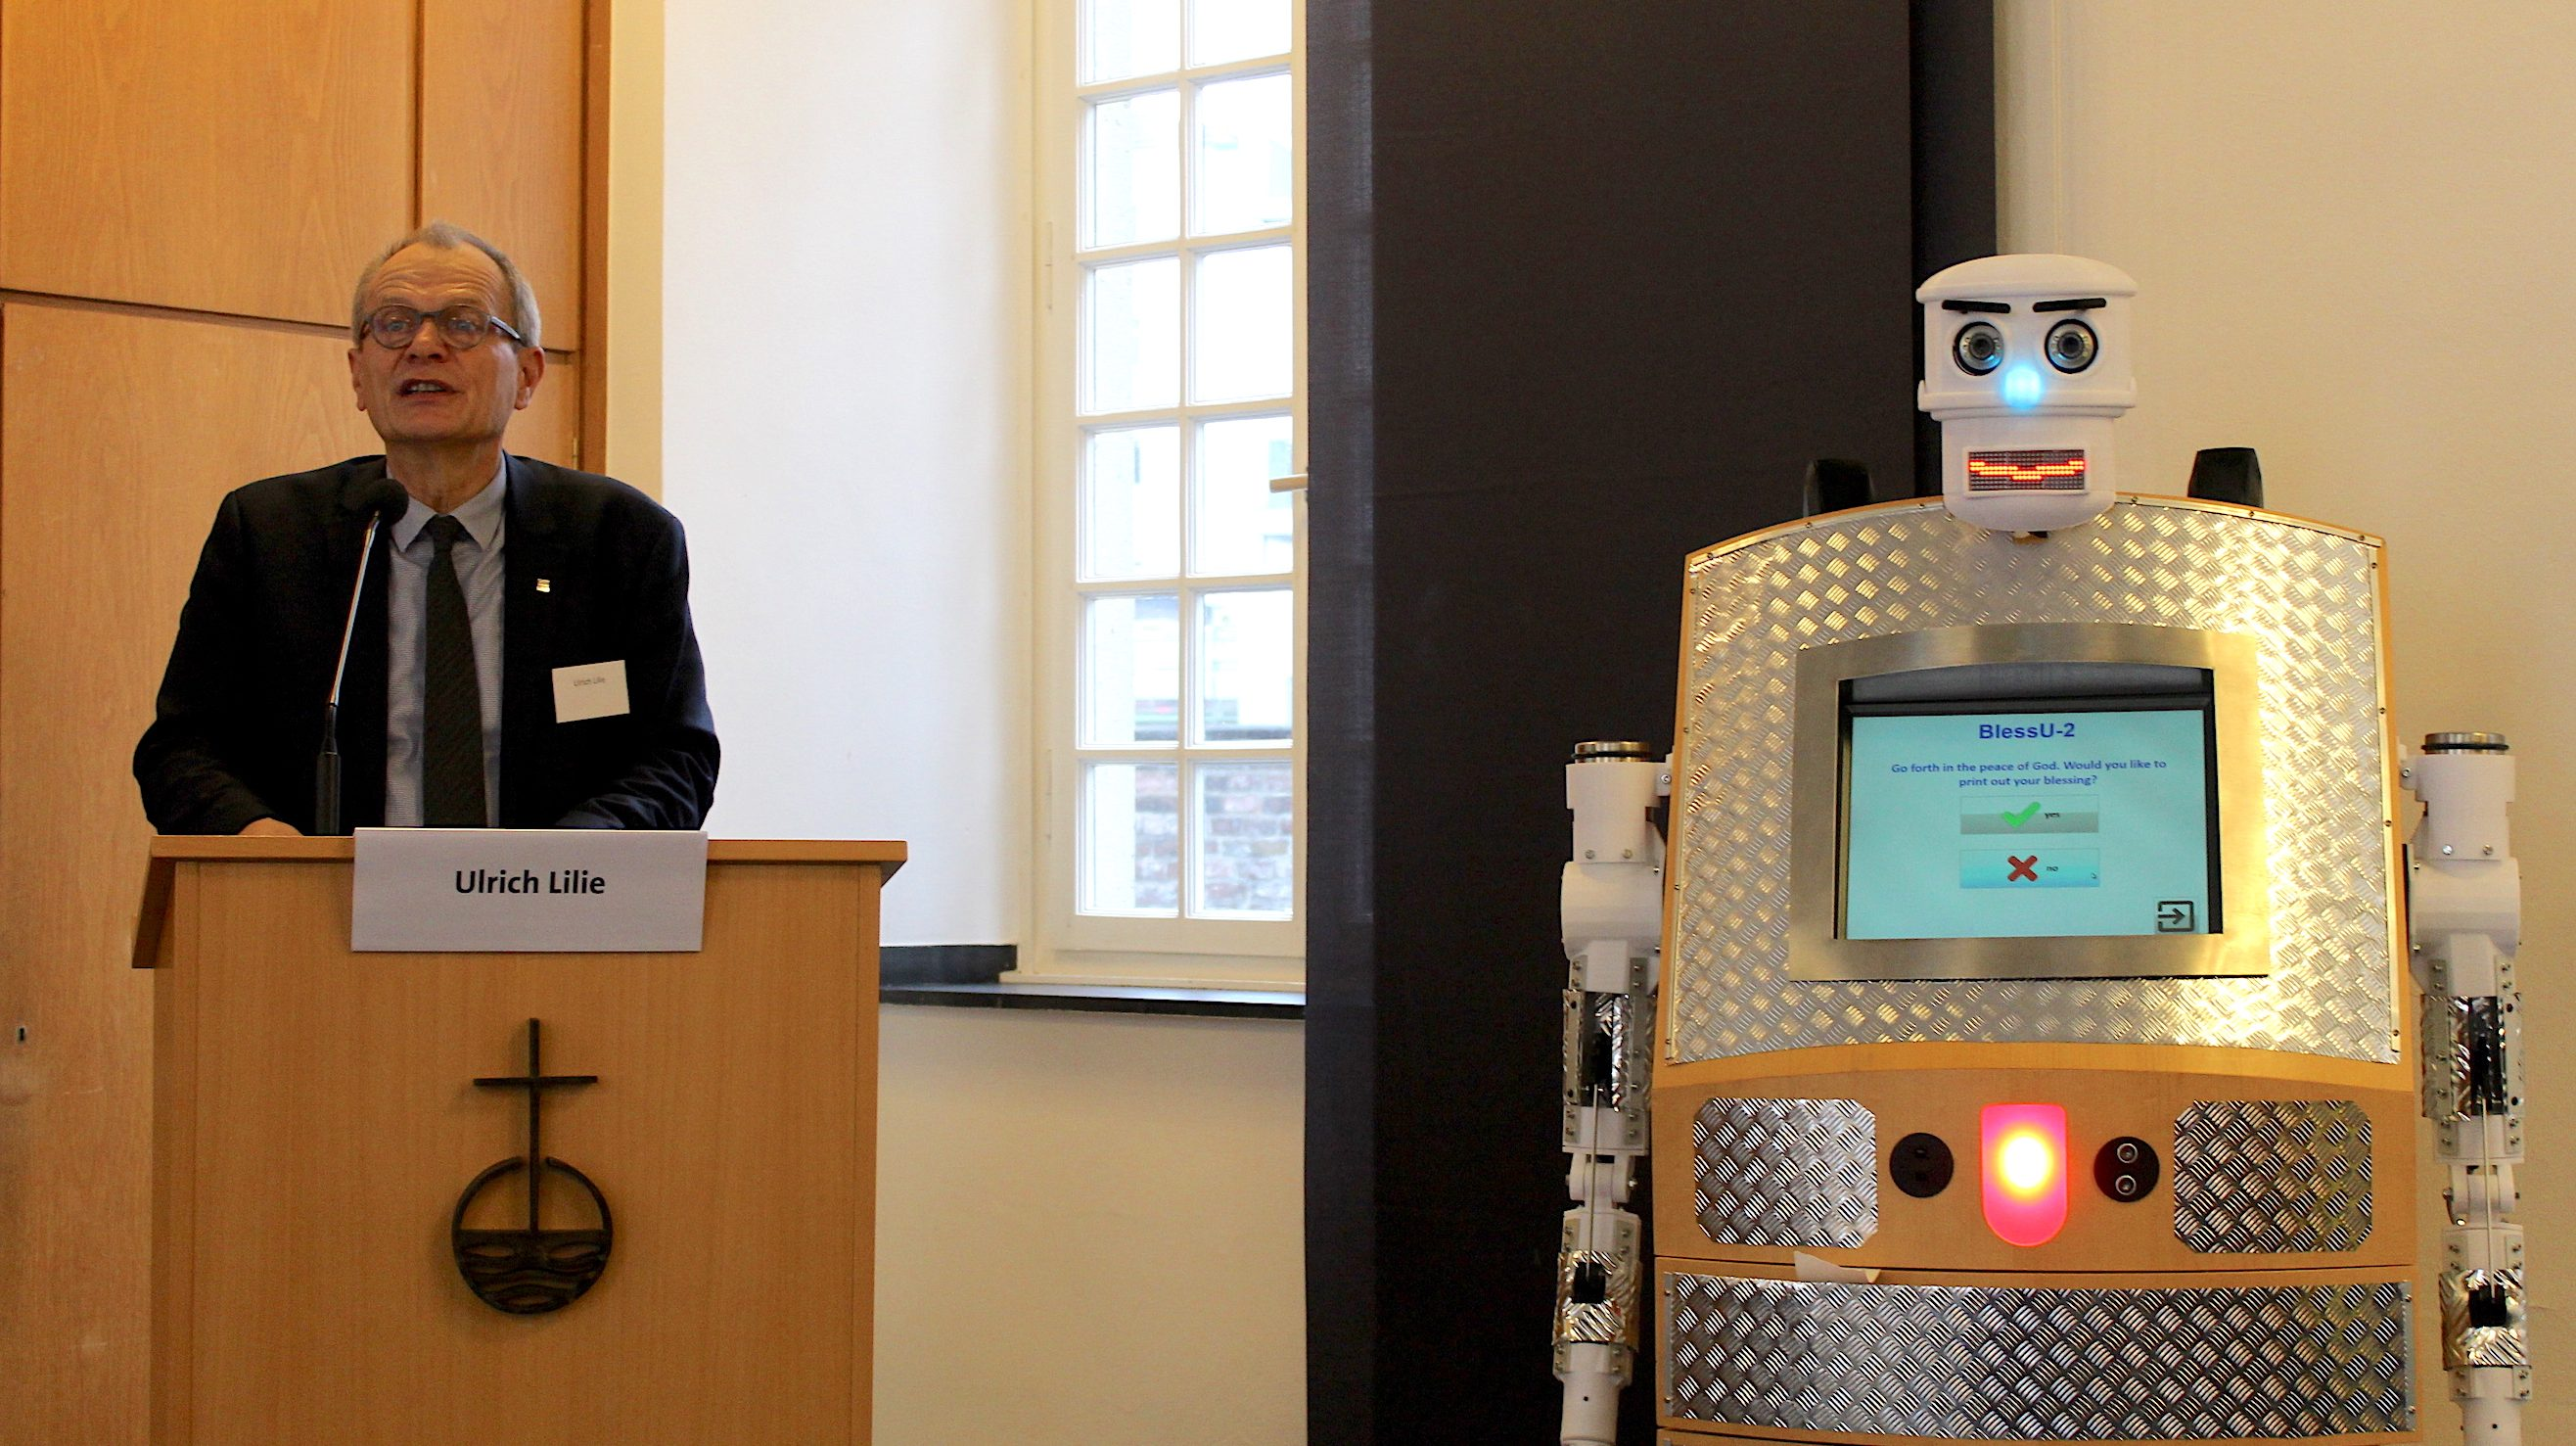 """""""Sind Bots die besseren Zuhörer?"""" – Tagung der Evangelischen Akademie im Rheinland, der Melanchthon-Akademie und des Dezernates für Politik und Kommunikation"""